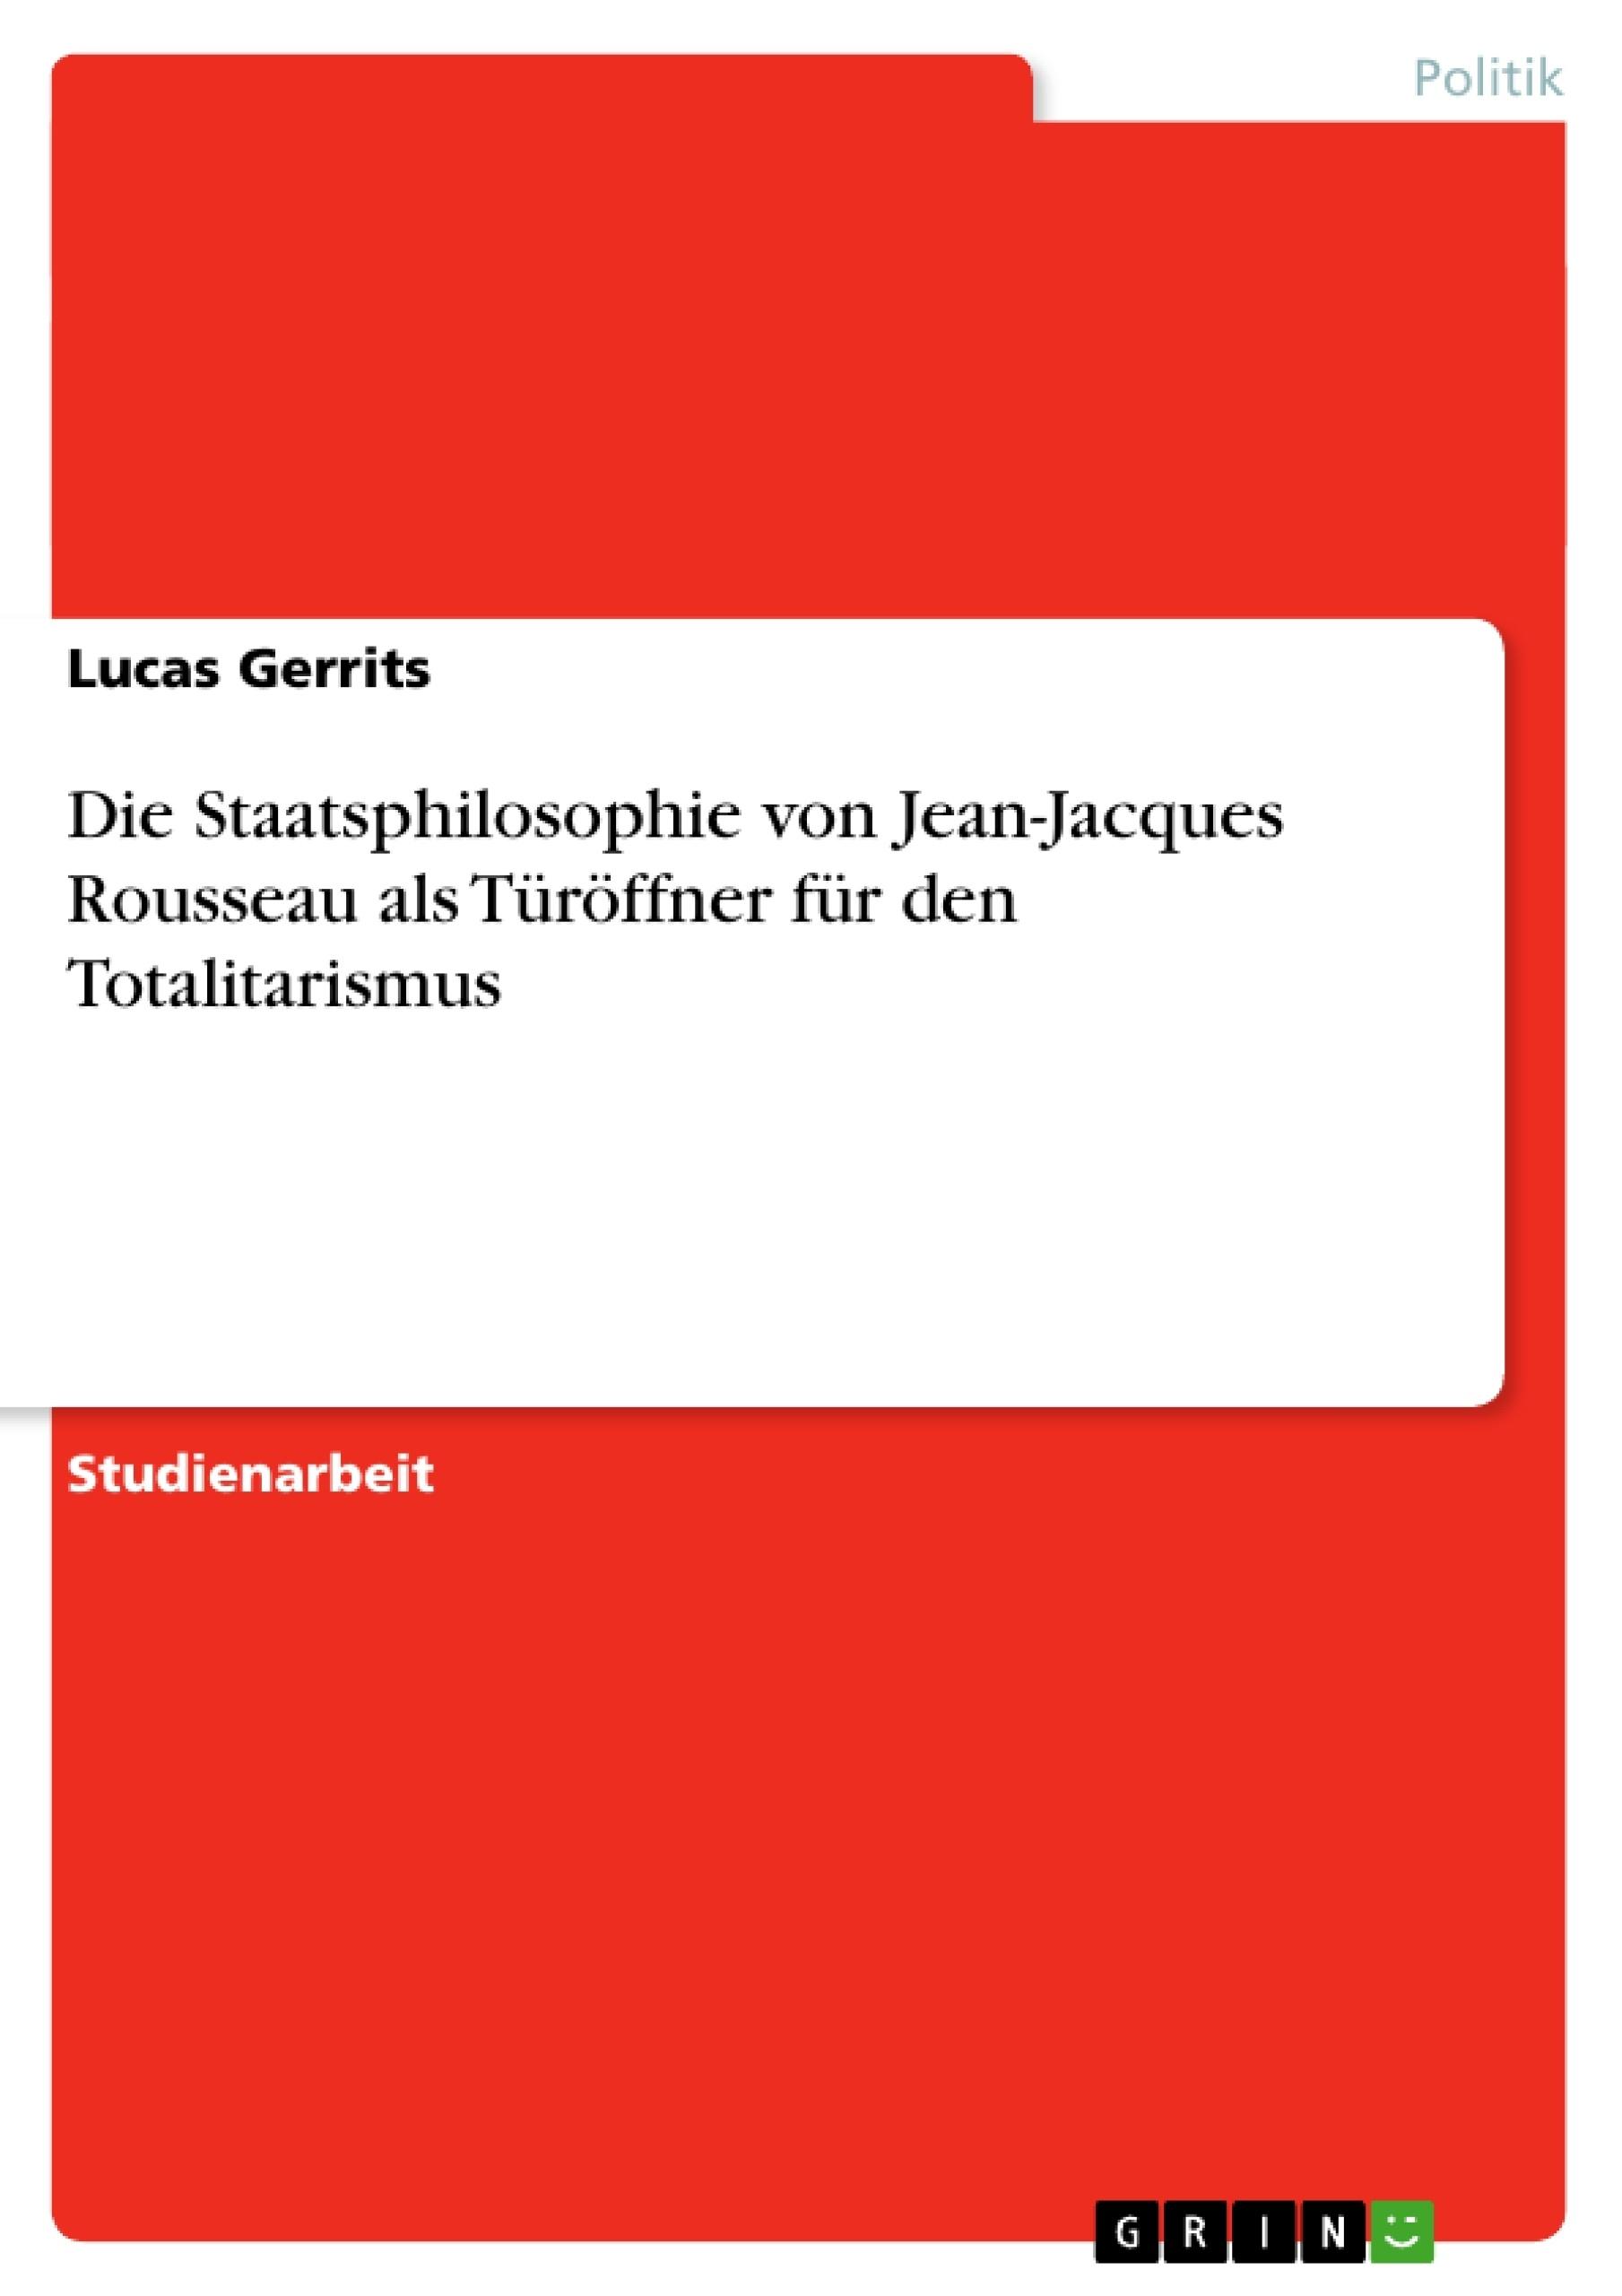 Titel: Die Staatsphilosophie von Jean-Jacques Rousseau als Türöffner für den Totalitarismus